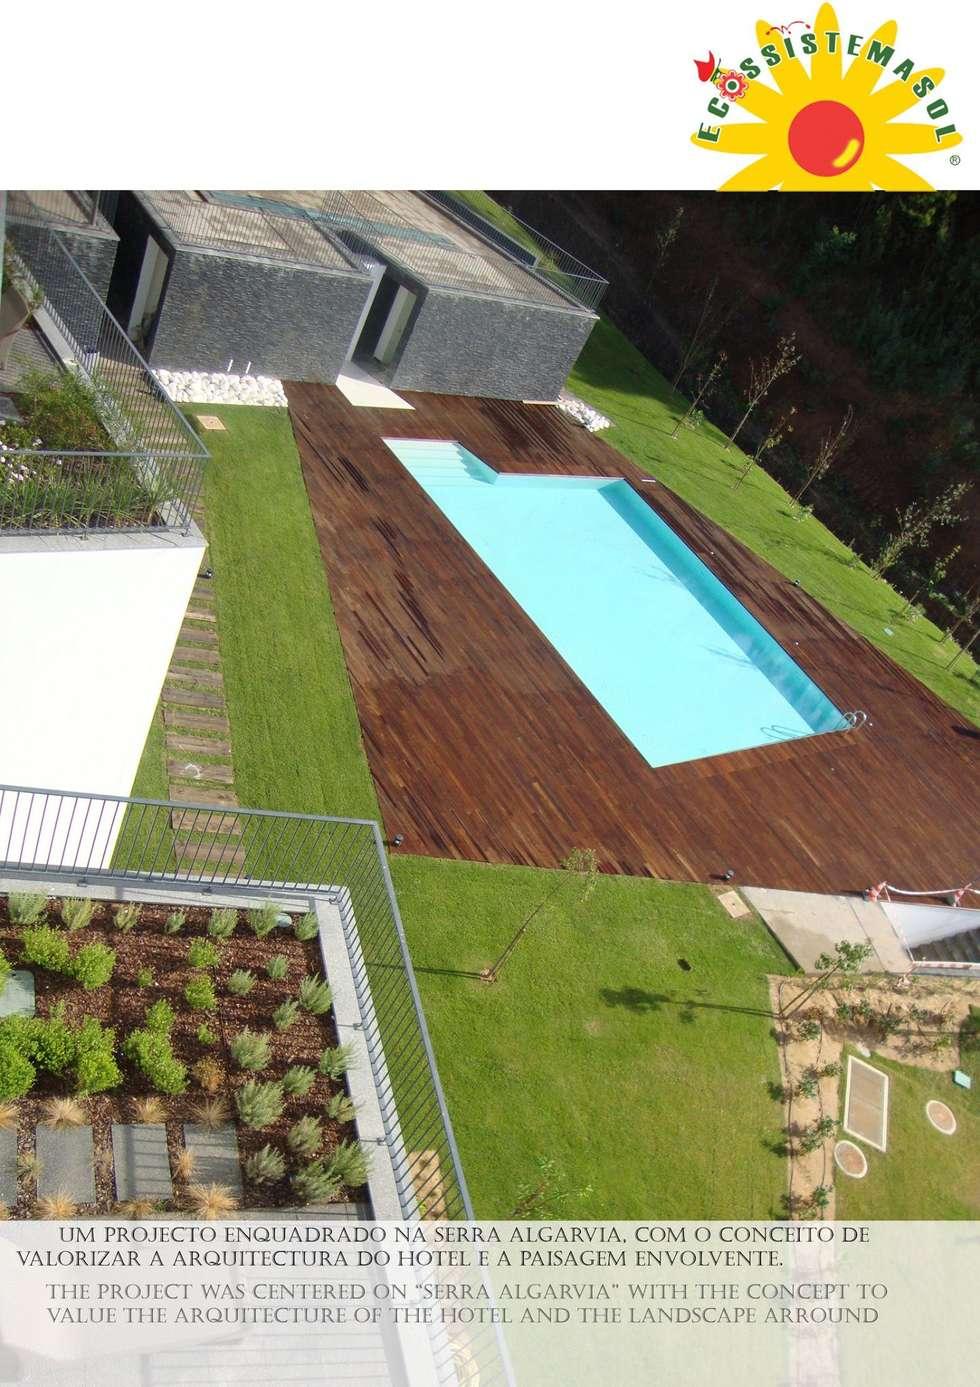 Longevity Hotel Monchique: Hotéis  por ECOSSISTEMAS; Áreas Verdes e Sistemas de Rega.